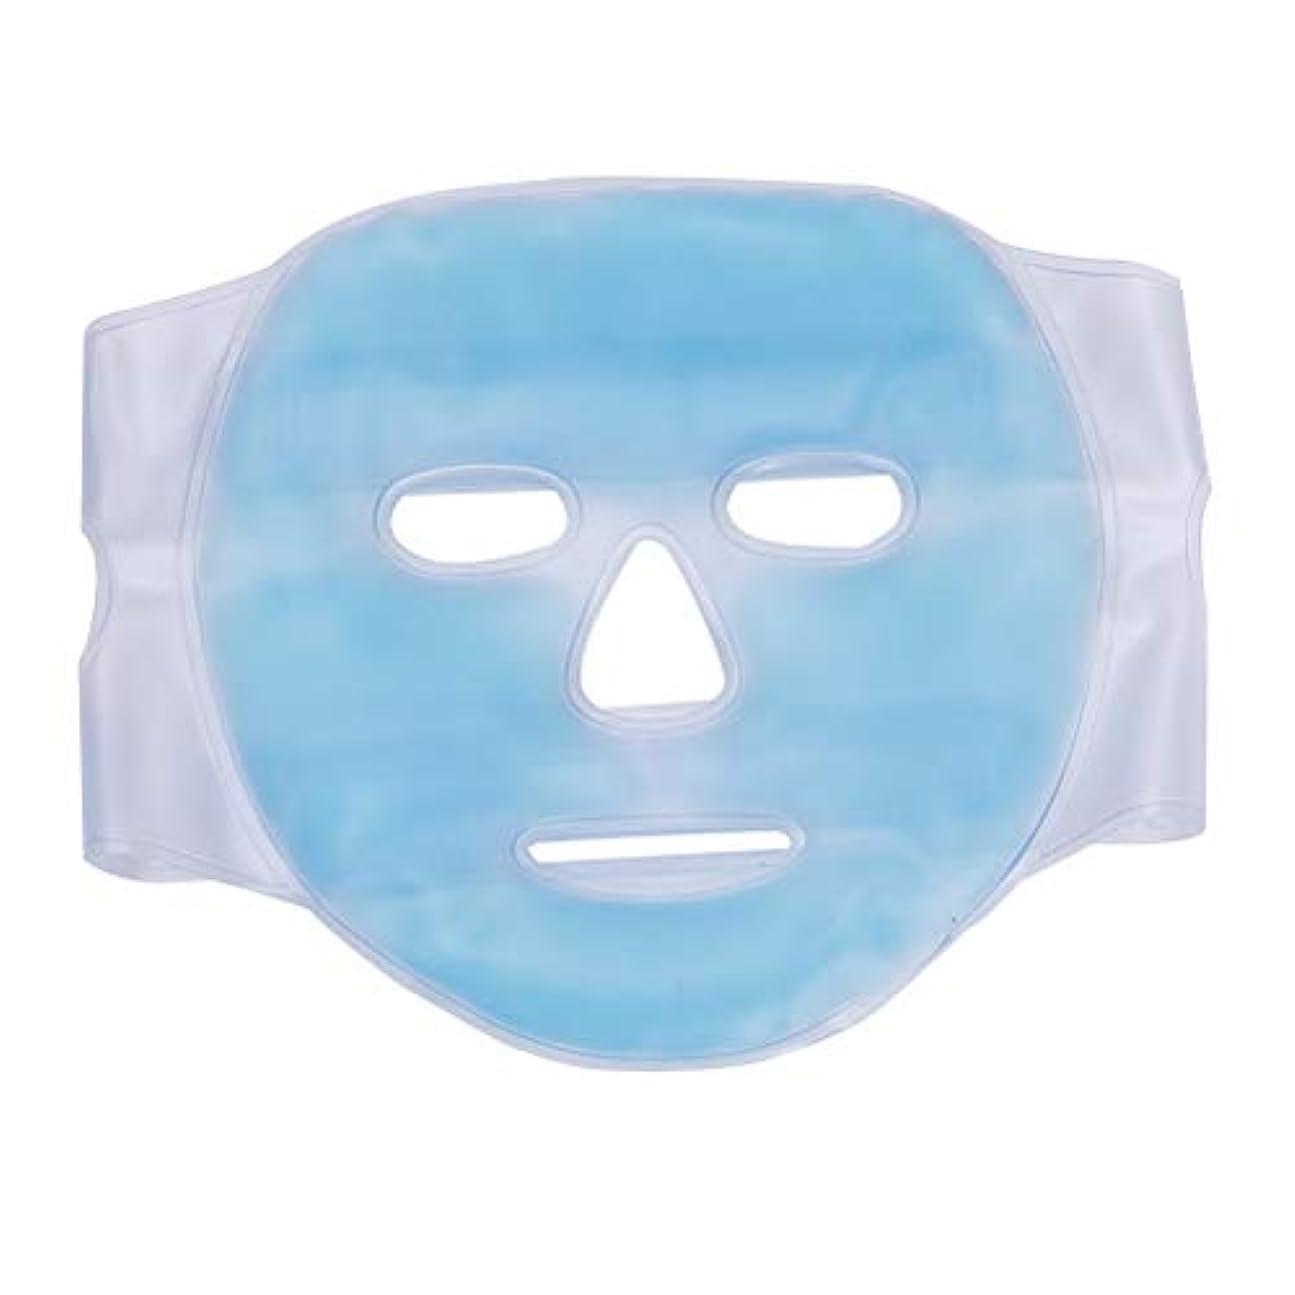 ハシー不条理立派なSUPVOX 美容マスクホットコールドセラピージェルビーズフルフェイシャルマスク睡眠用片頭痛緩腫れぼったい顔(青)